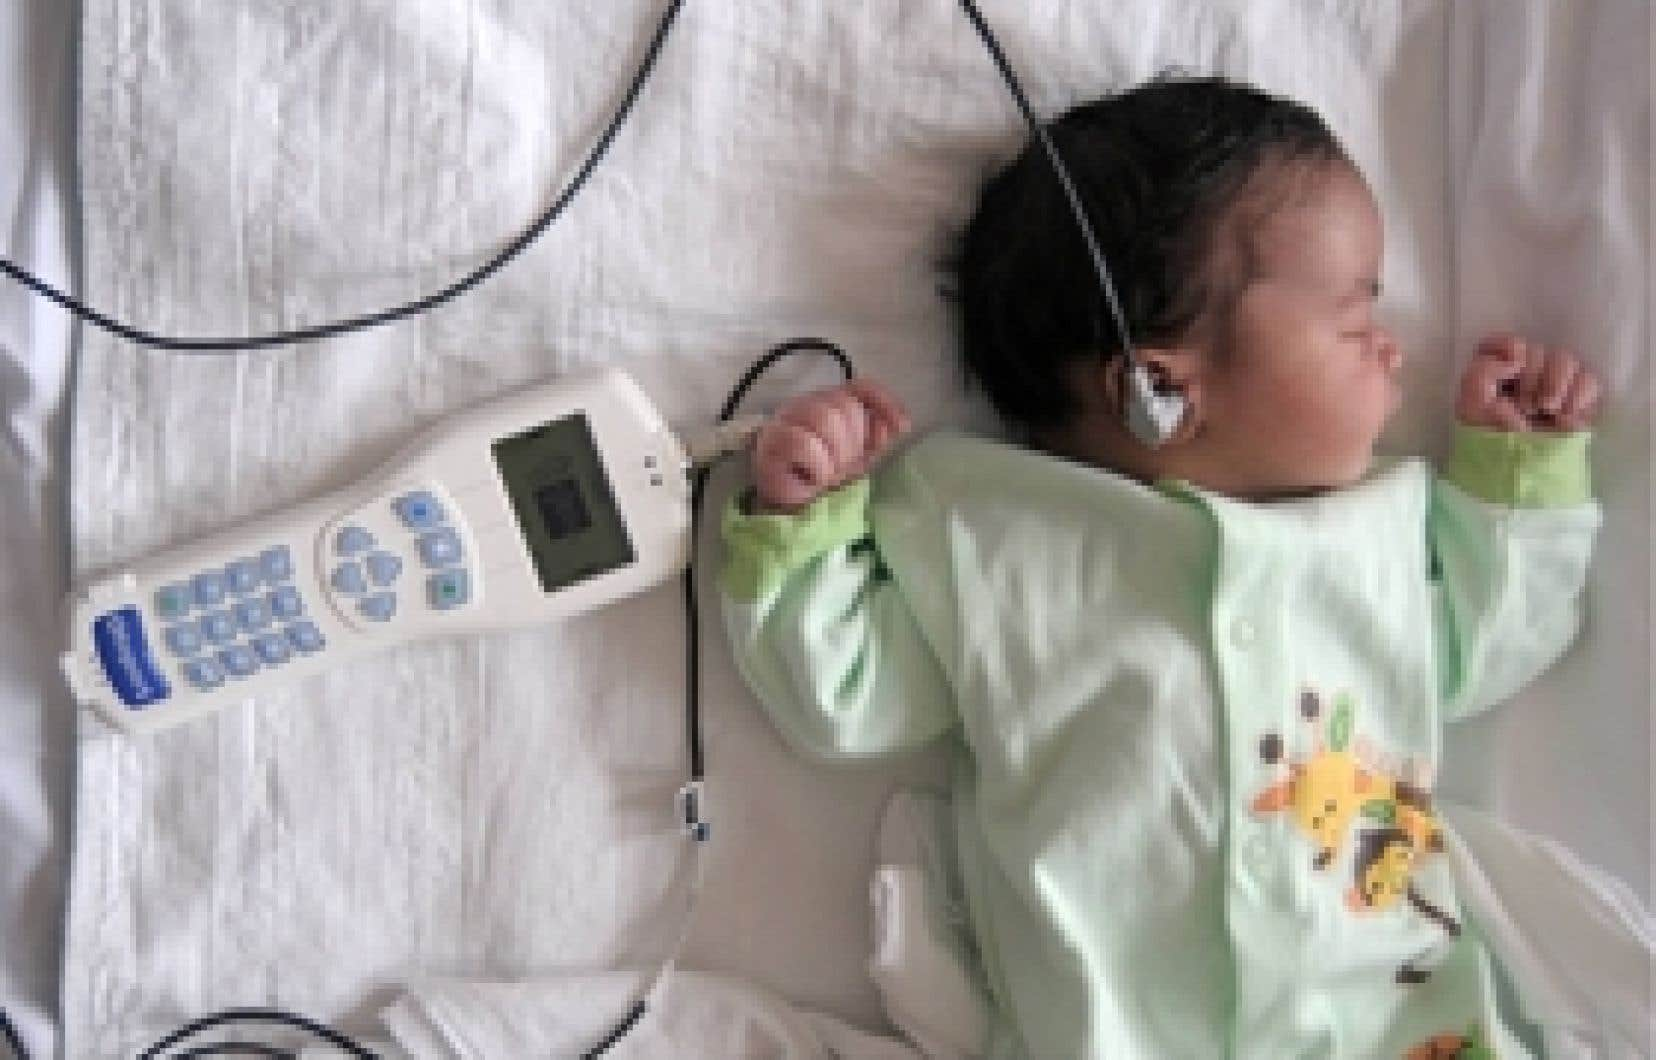 Le dépistage de la surdité chez les bébés est d'une simplicité enfantine. Ses résultats sont fournis par un appareil électronique ultra-léger qui peut être utilisé par n'importe quel membre du personnel. Si le diagnostic de surdité est pos